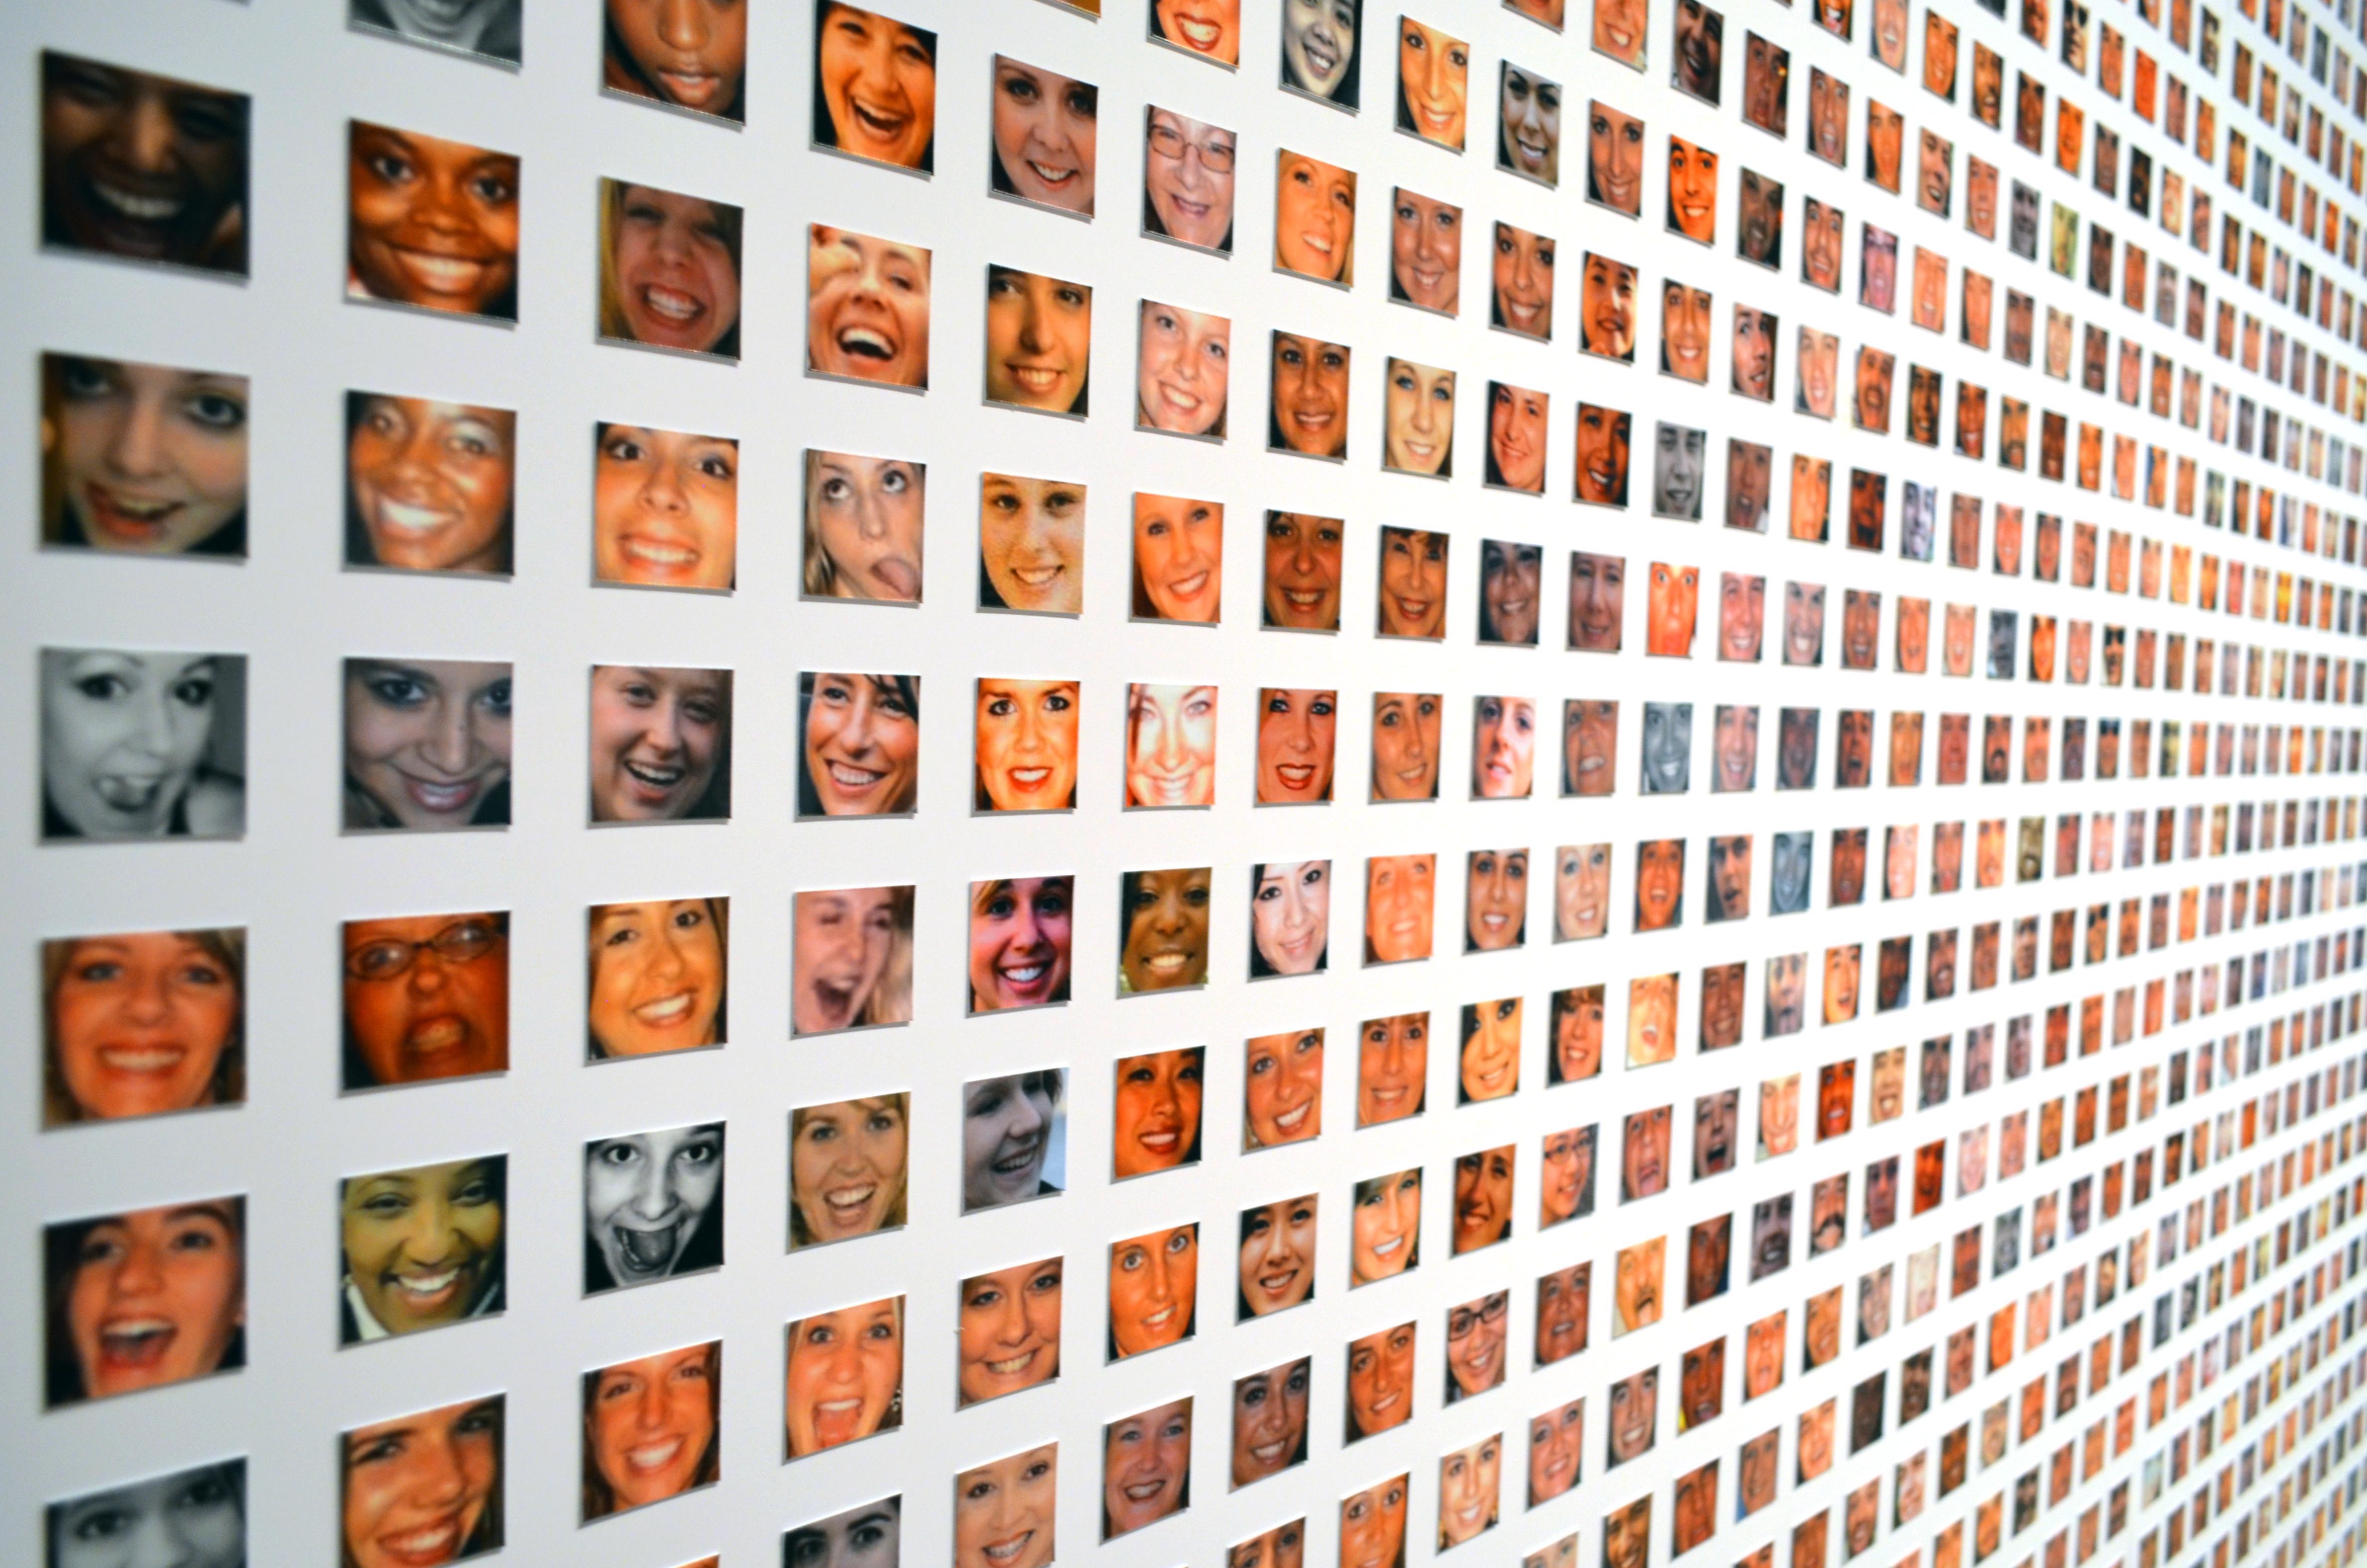 Paolo Cirio, Face To Facebook, 2011, (Courtesy of Galleria Giorgio Persano)